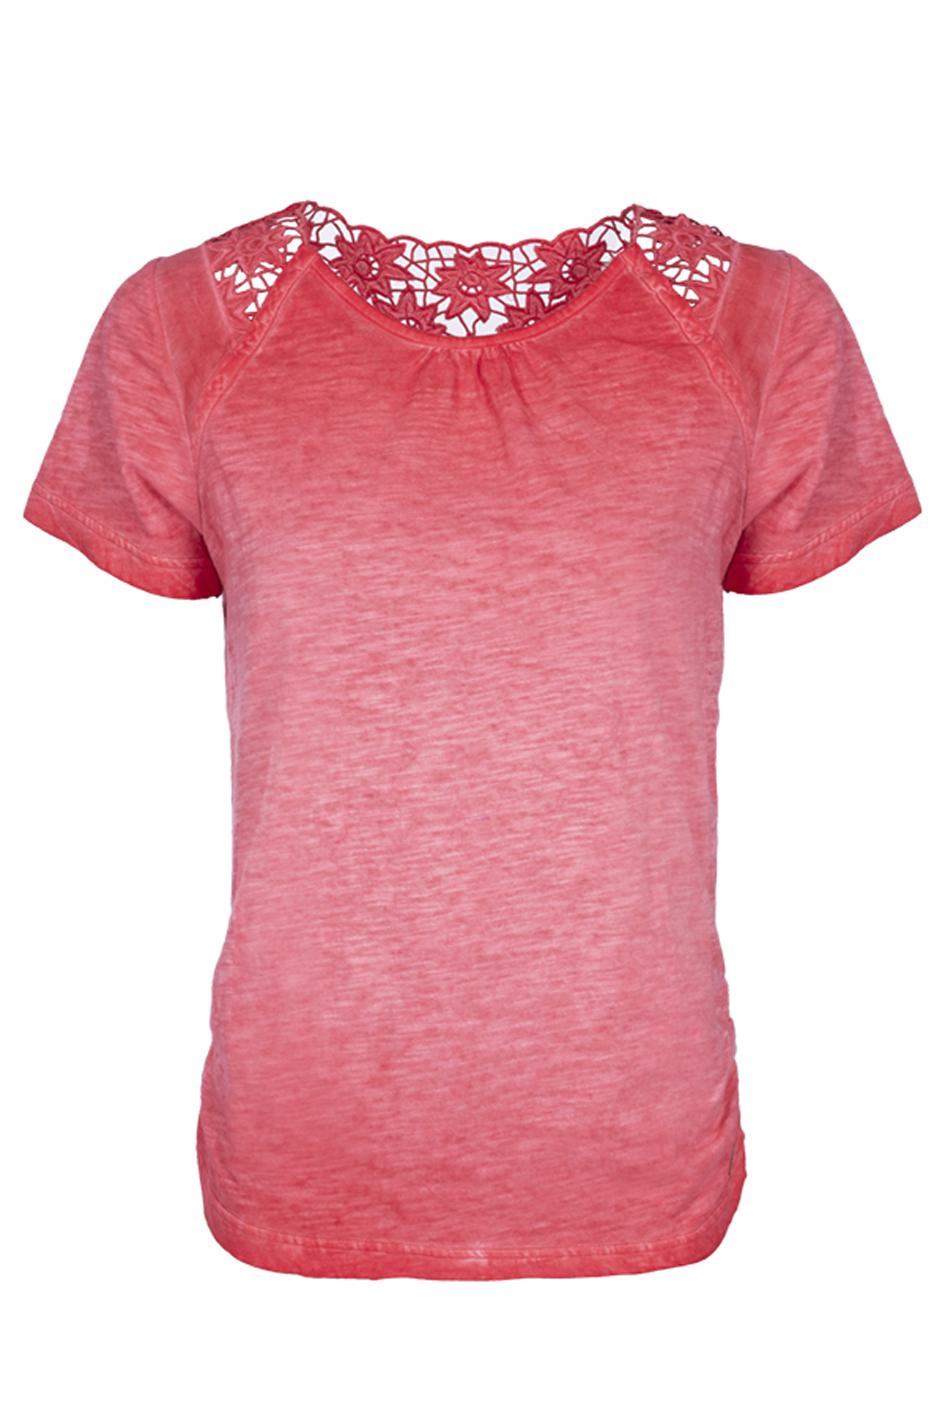 Soquesto Shirt Imka